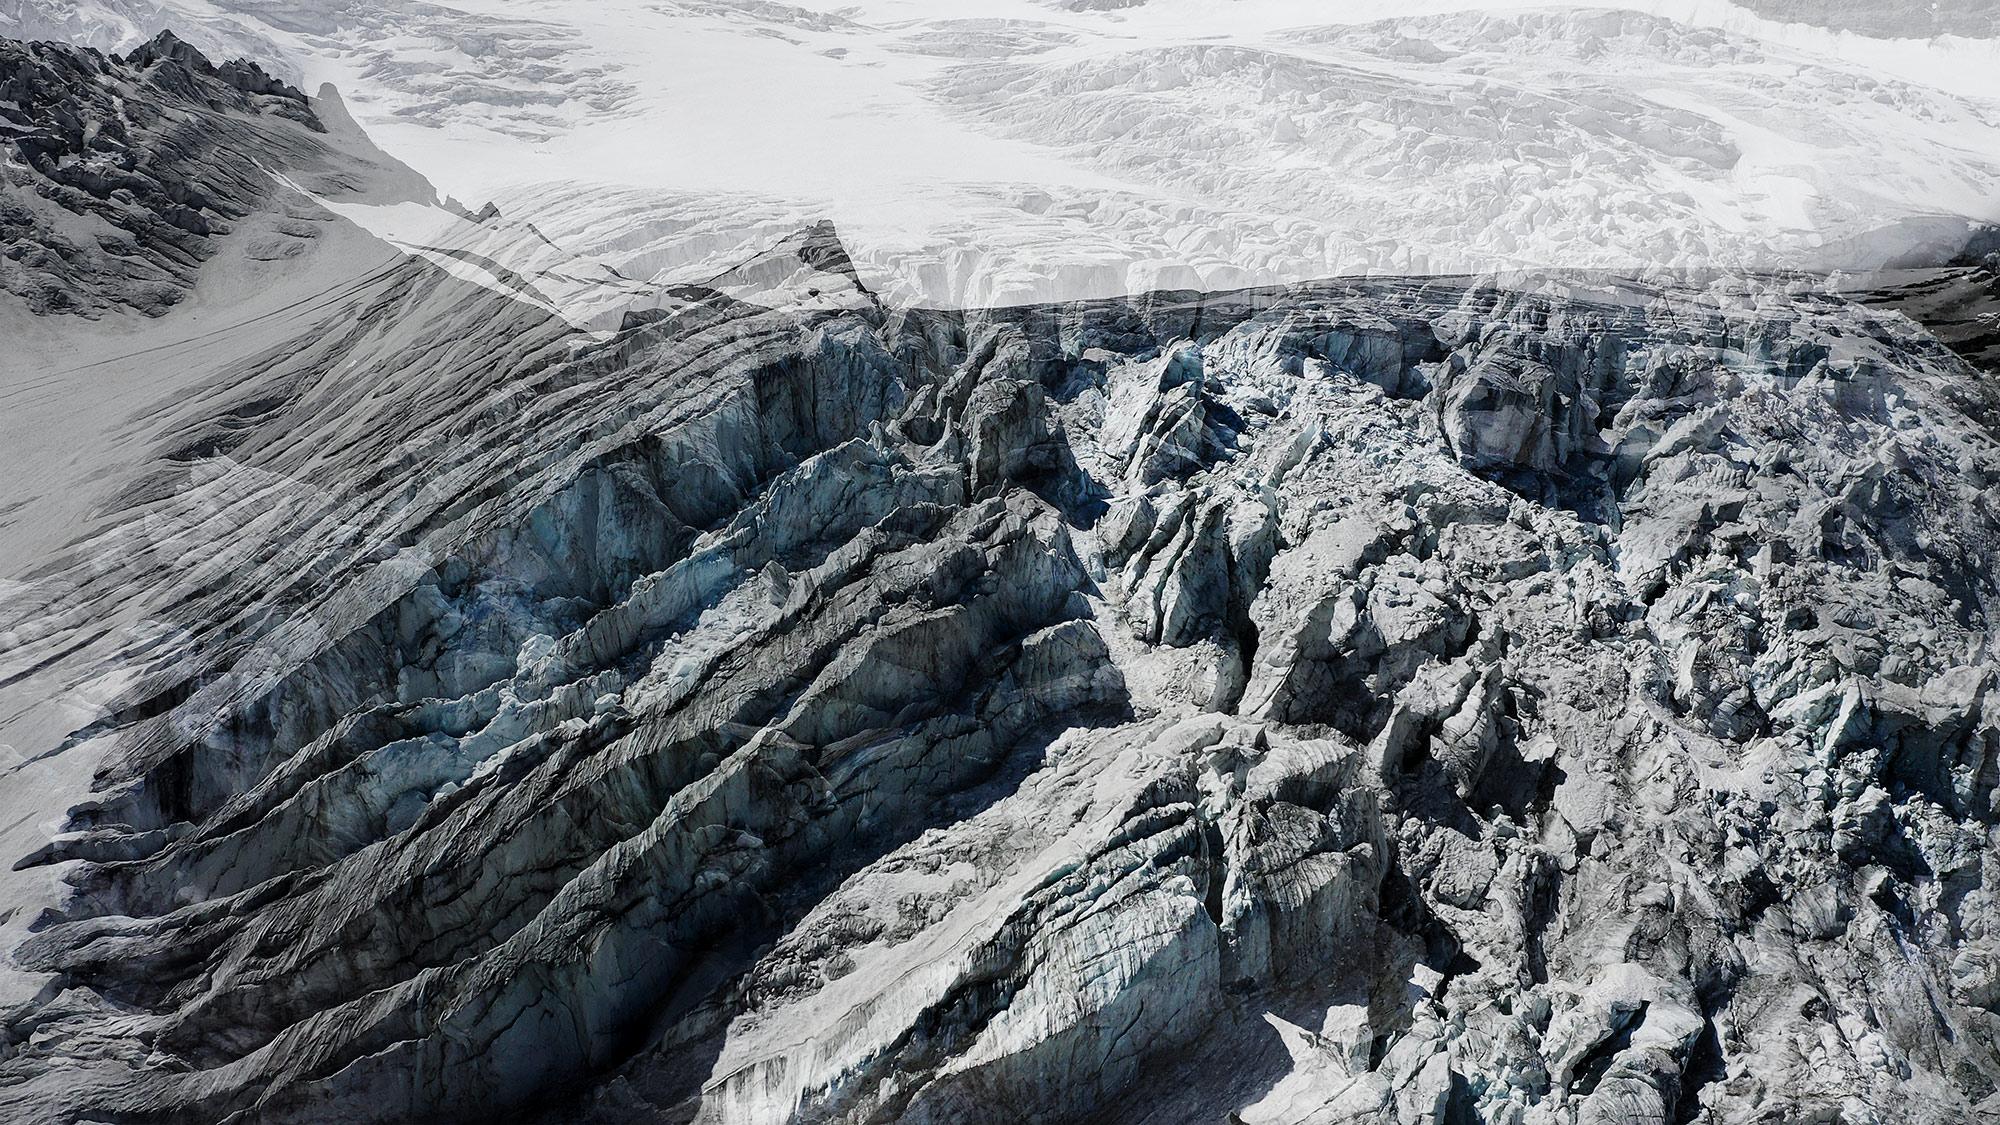 #176 Glaciers offset, 2020, photographie reconstruite à partir de bandes videos, réalisées sur le glacier de Ferpècle et du Mont Miné